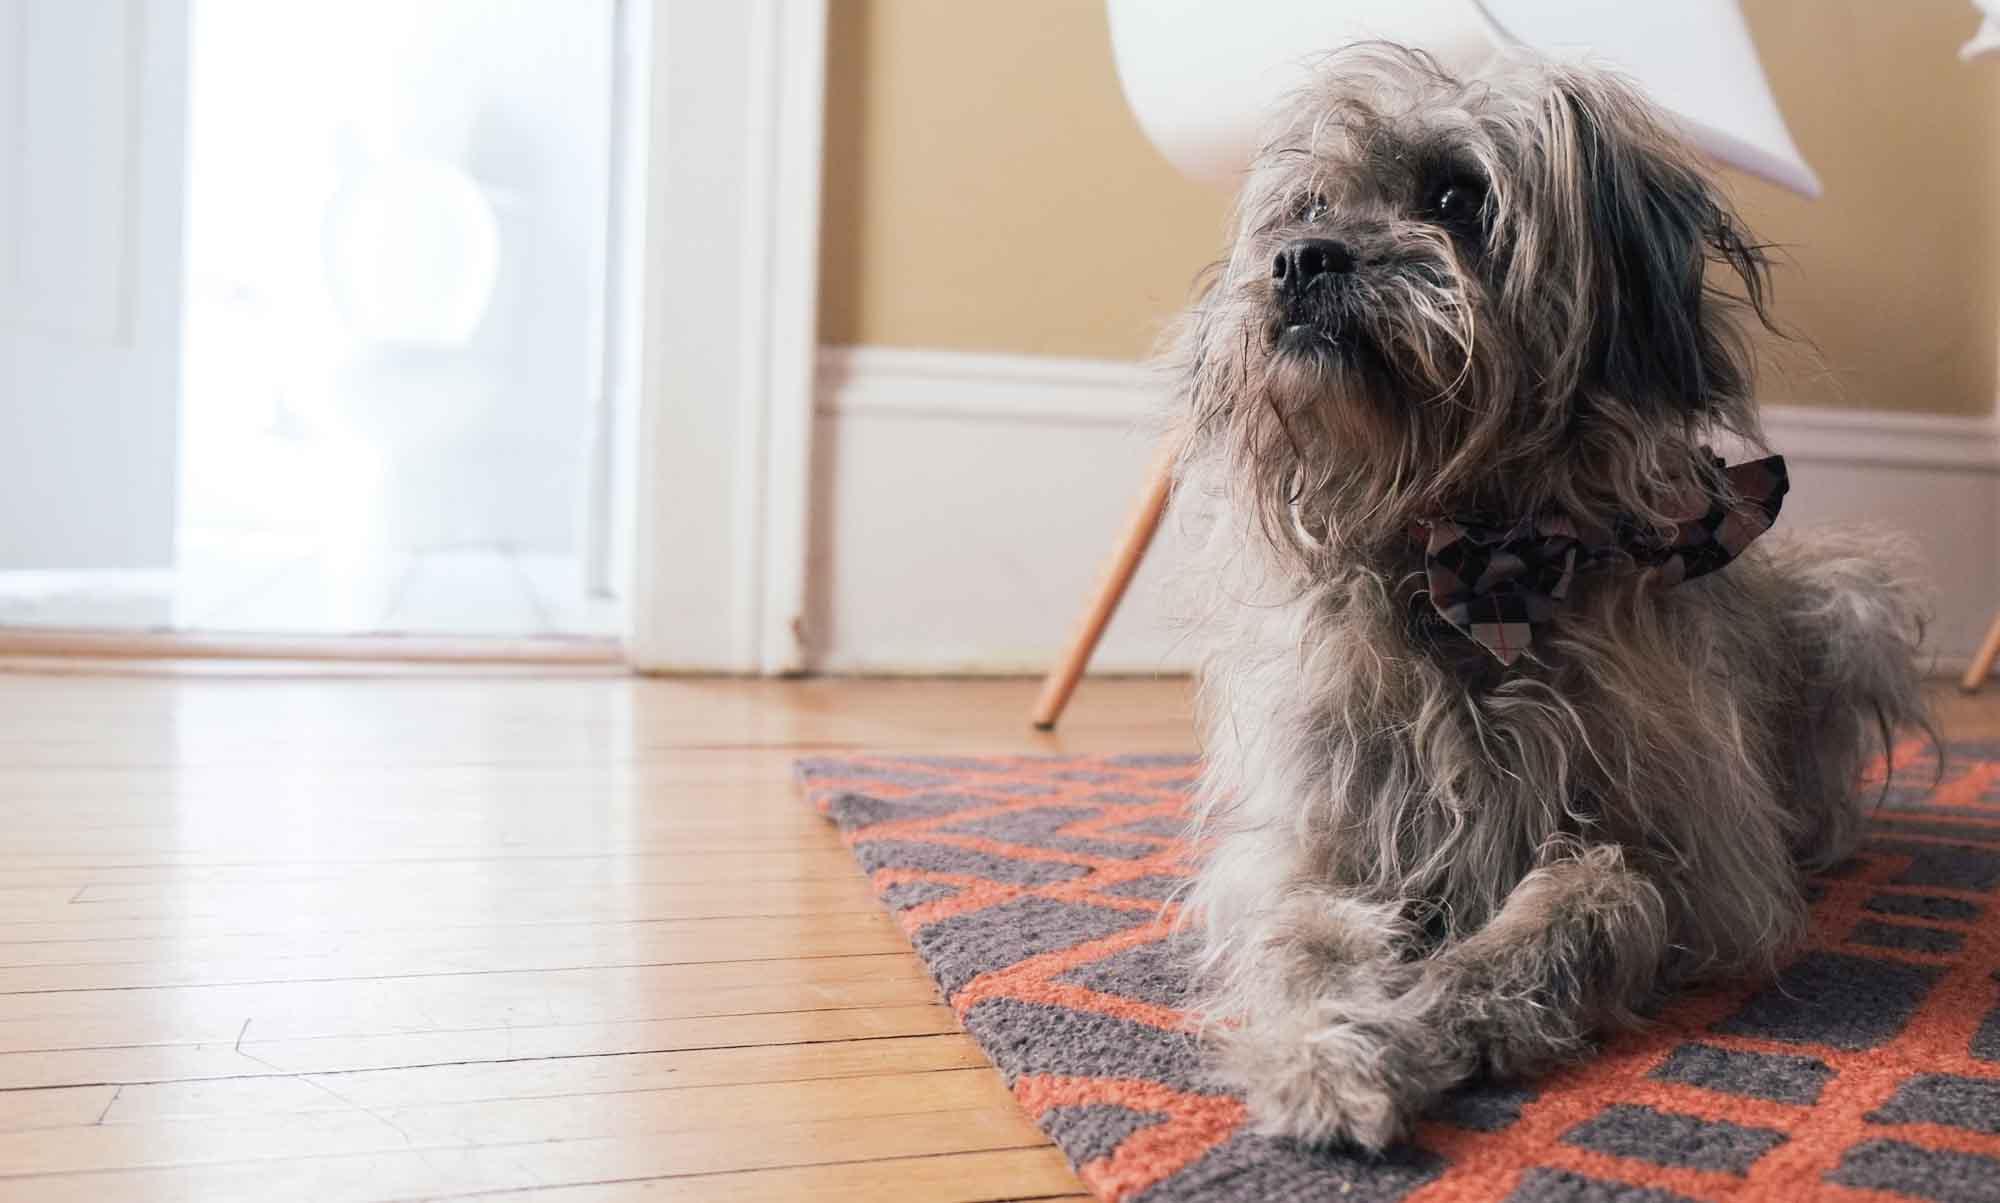 My Dog Arthur